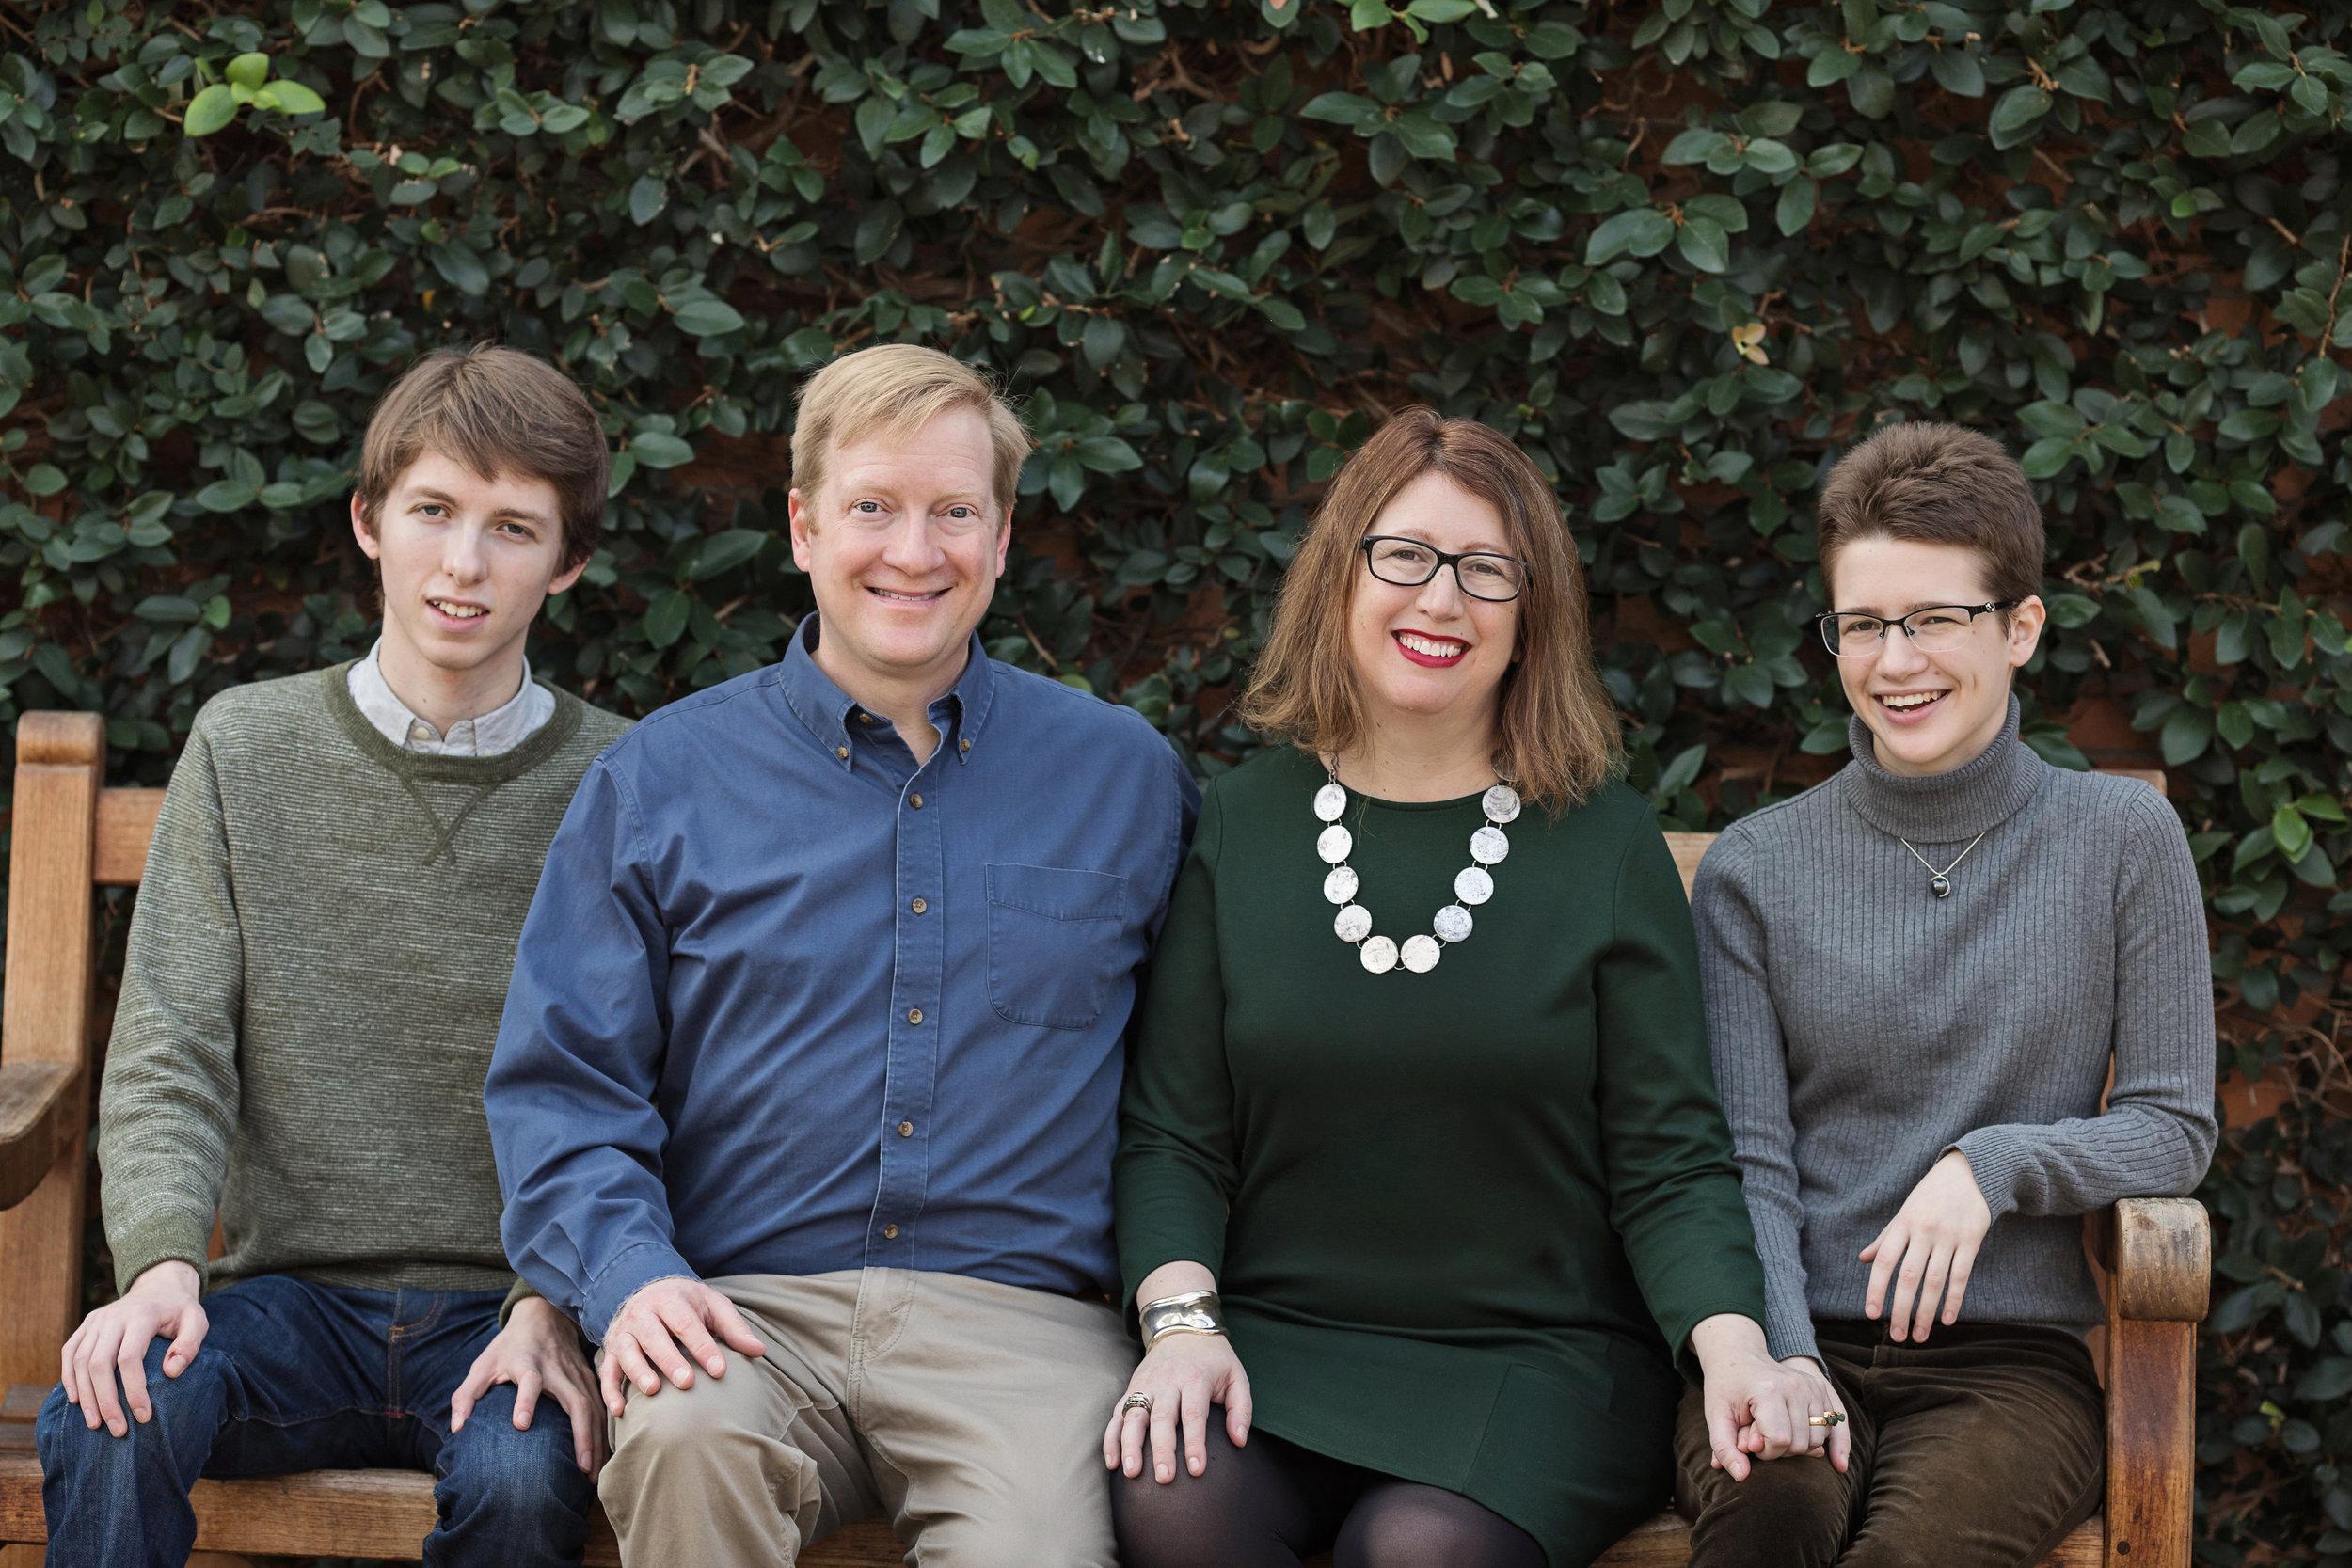 Sam Bagenstos and his wife, Margo Schlanger, with their teenage children.